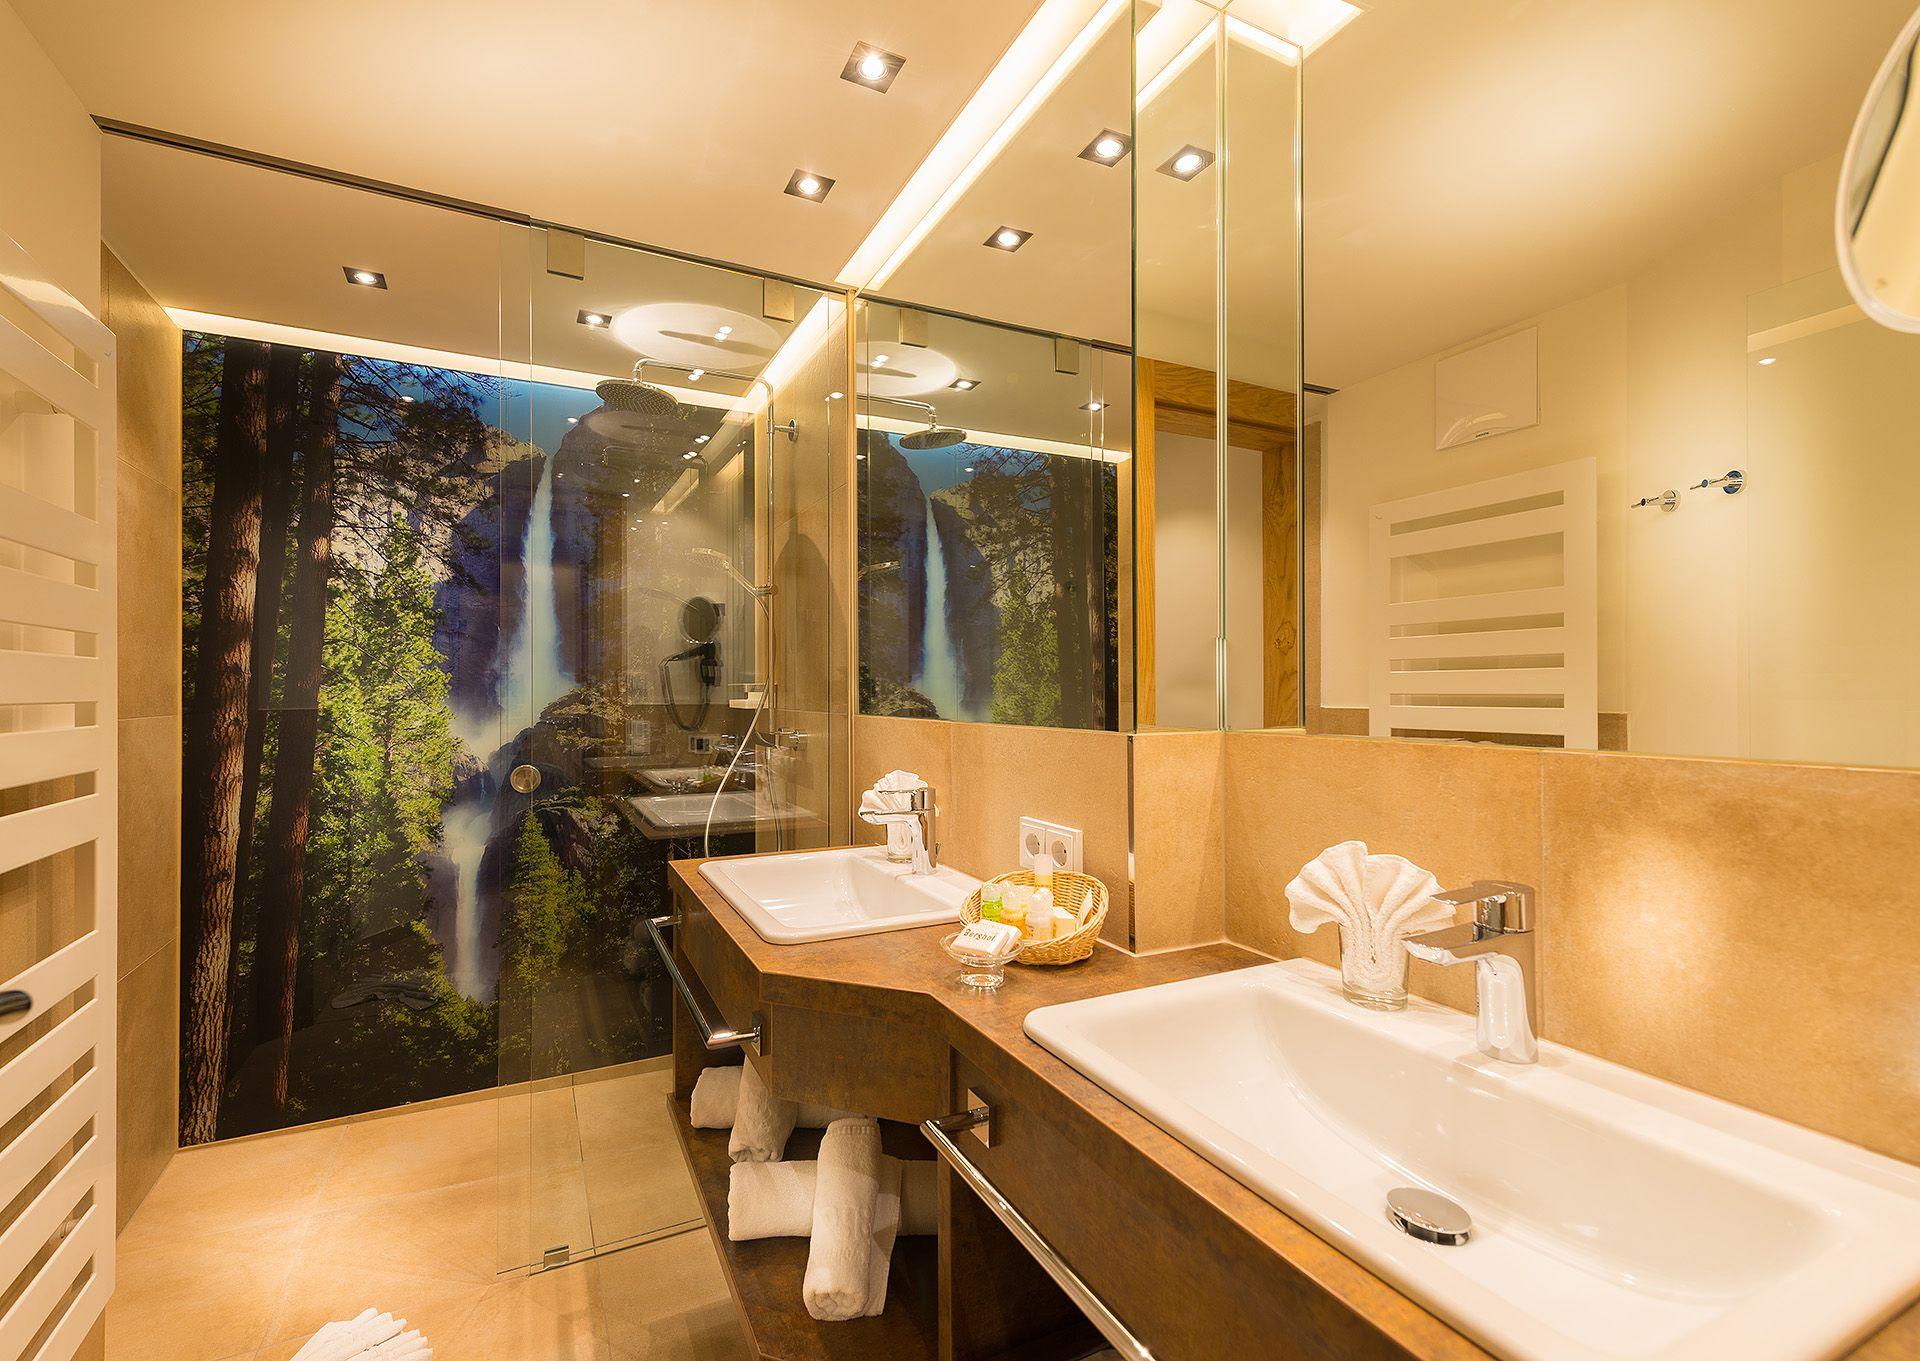 Weihnachtsande Mit Beleuchtung Für Innen | Badezimmer Salzburg Wyndham Grand Salzburg Conference Centre Rooms